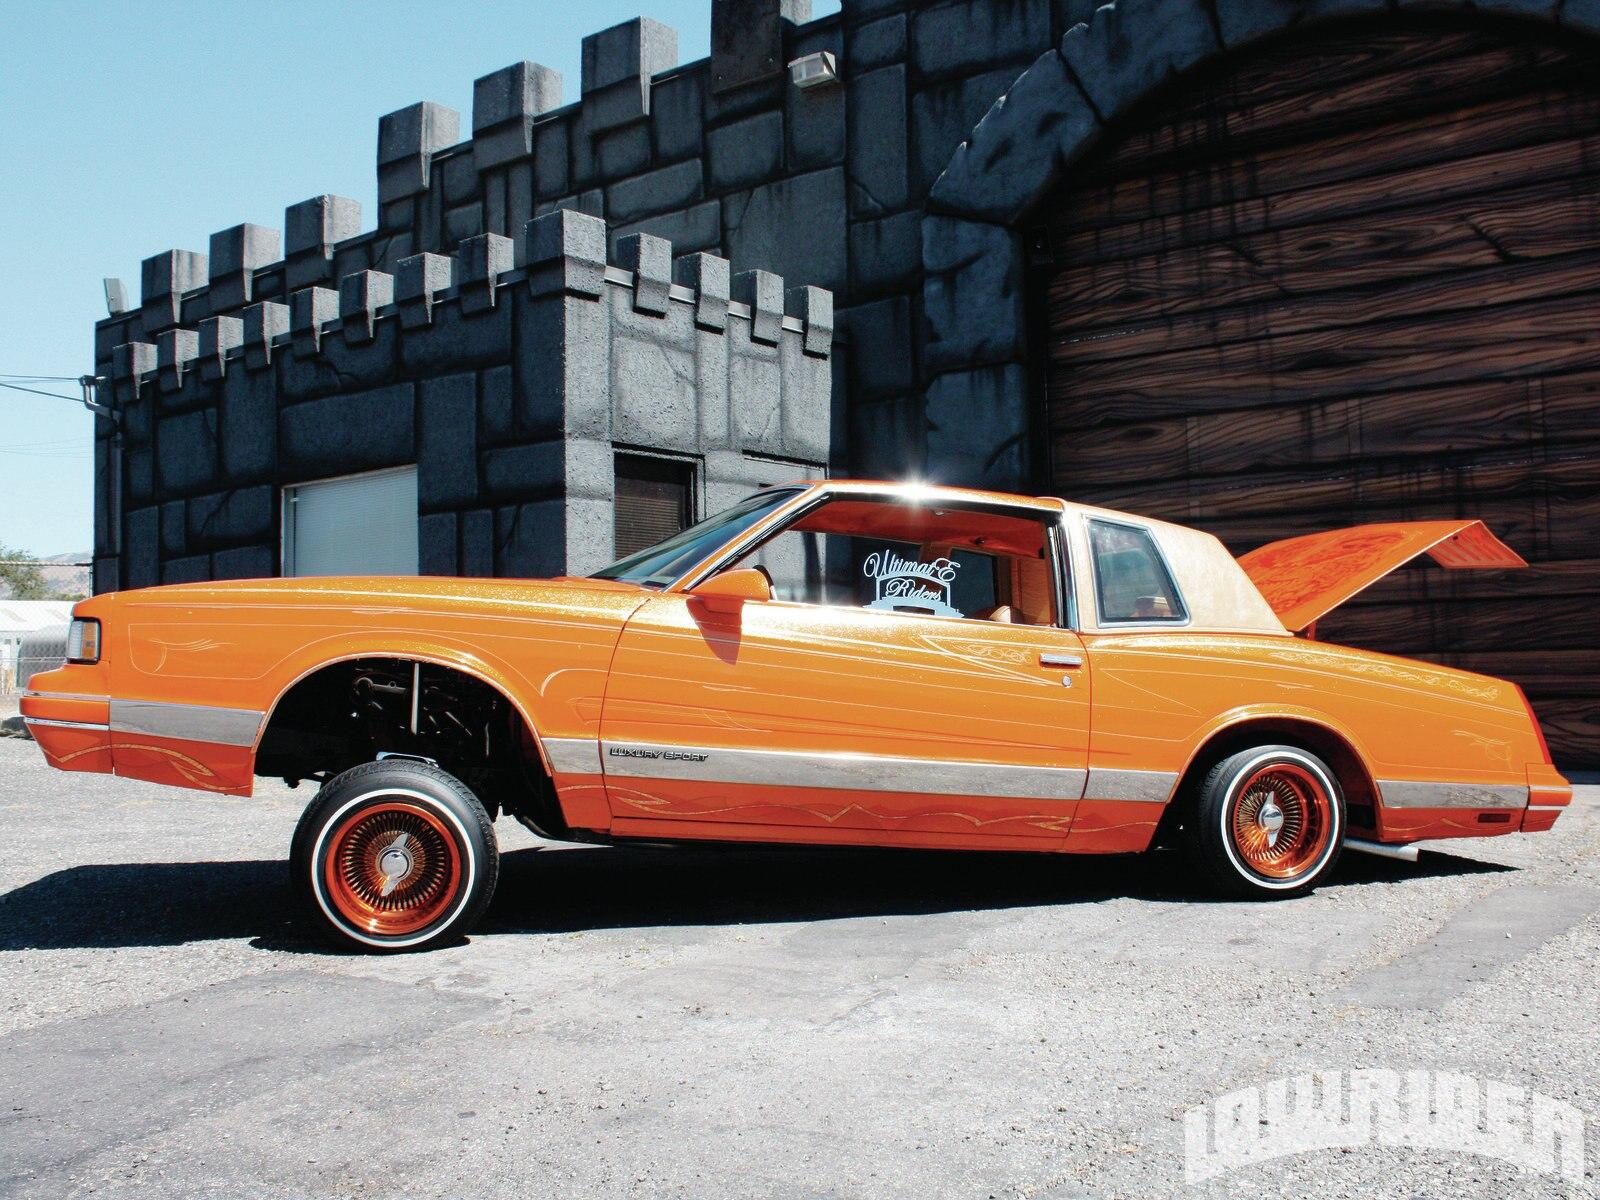 1109-lrmp-06-o-1987-chevrolet-monte-carlo-driver-side-profile2